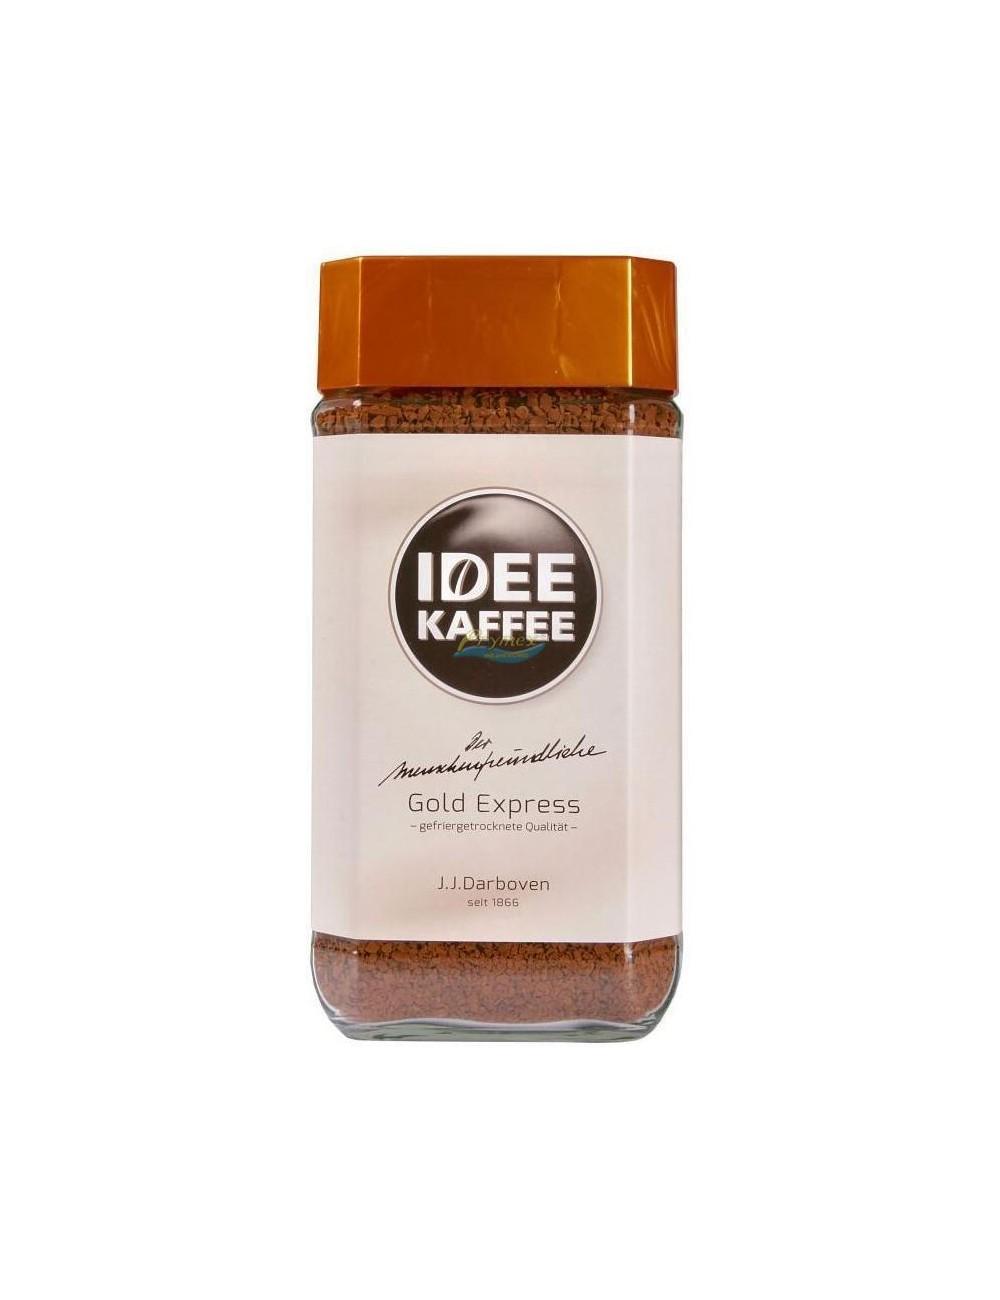 Idee Kaffee Gold Express Kawa Rozpuszczalna w Słoiku 200 g